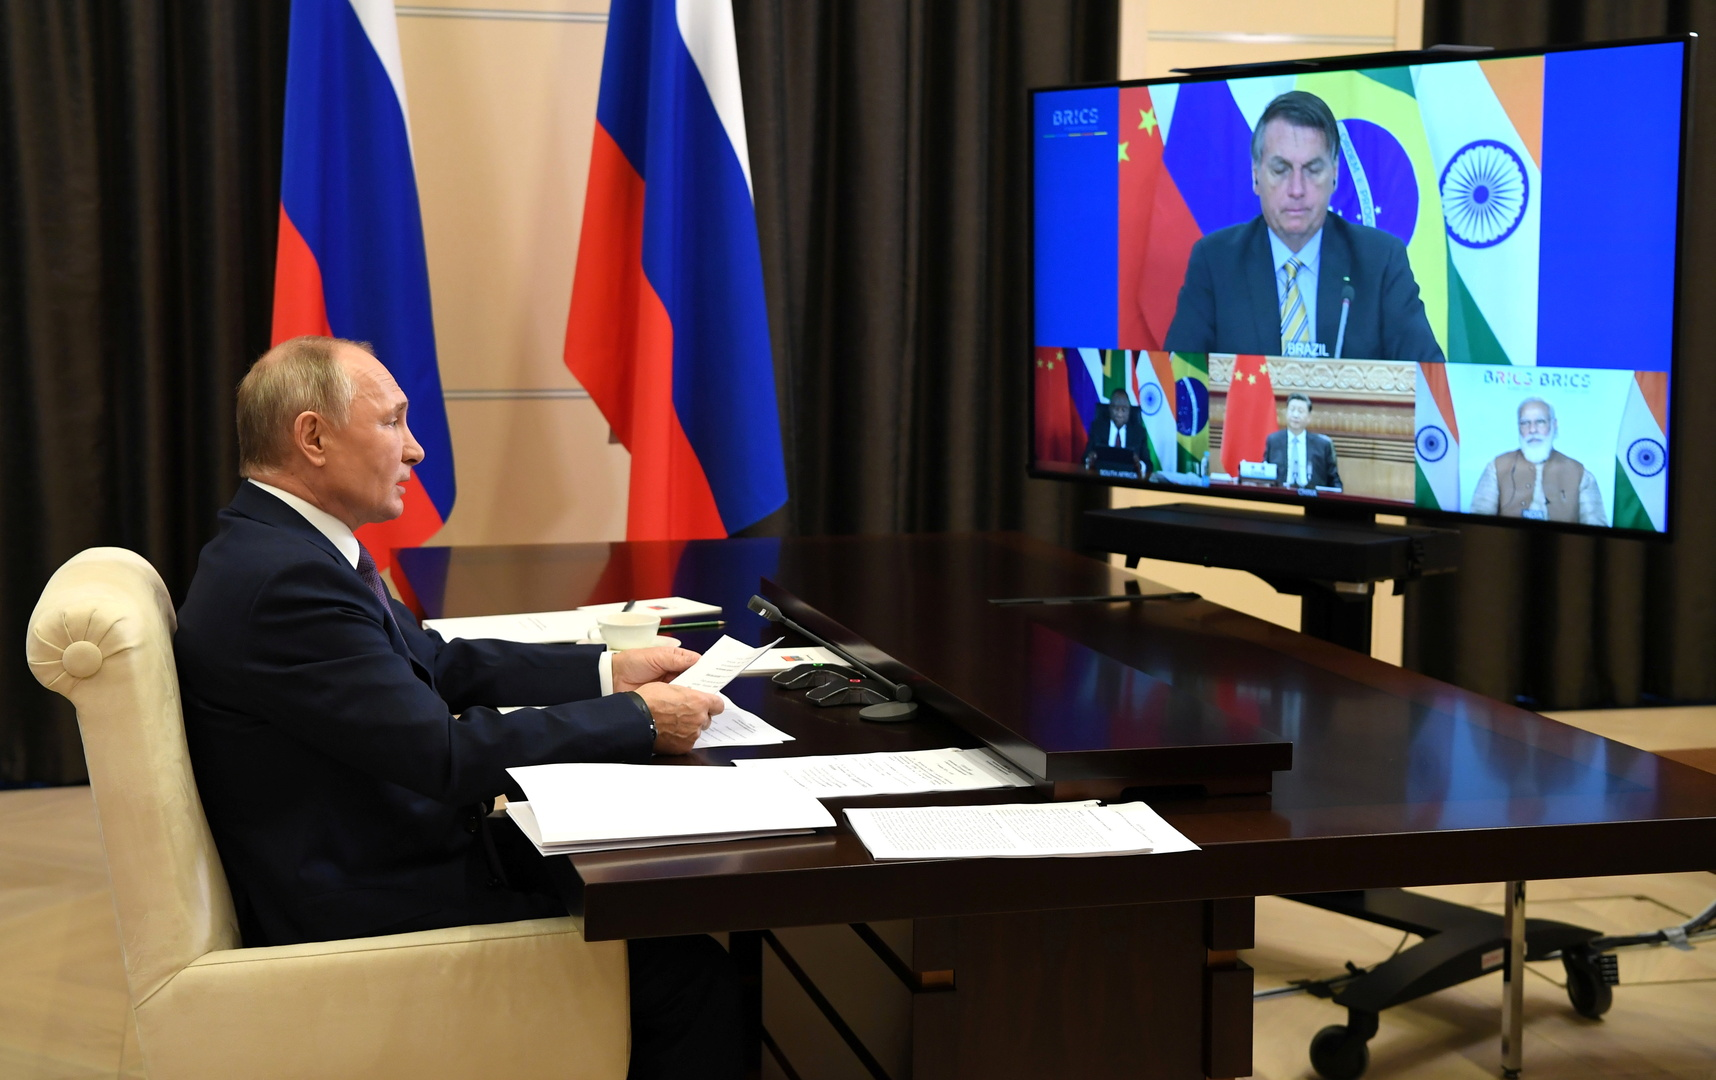 الرئيس الروسي فلاديمير بوتين خلال قمة